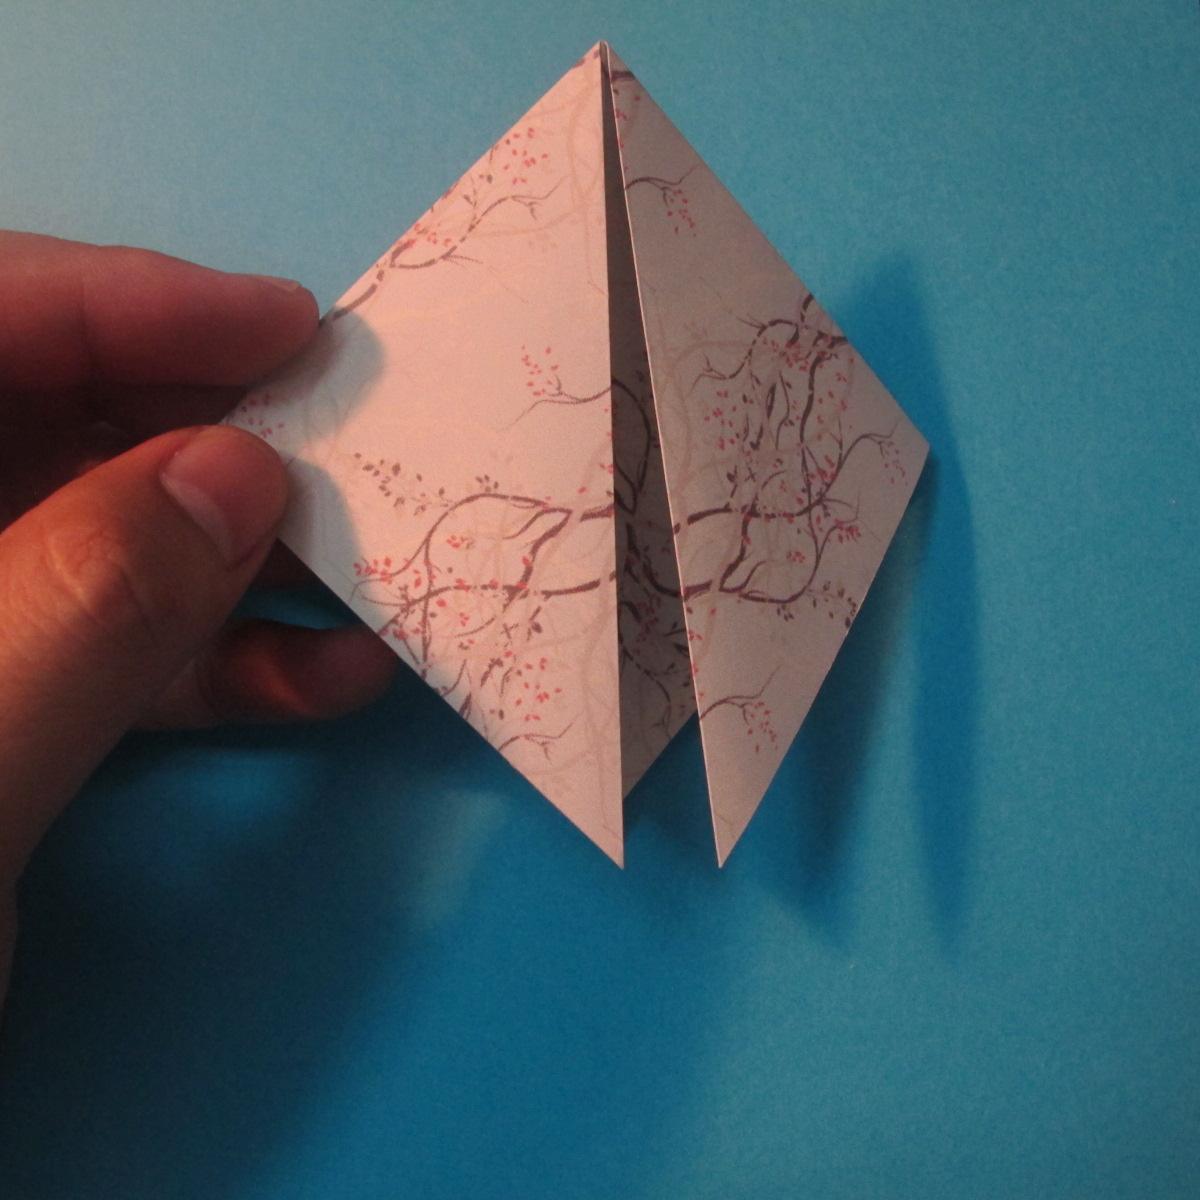 วิธีการพับกระดาษเป็นดาวสี่แฉก 004